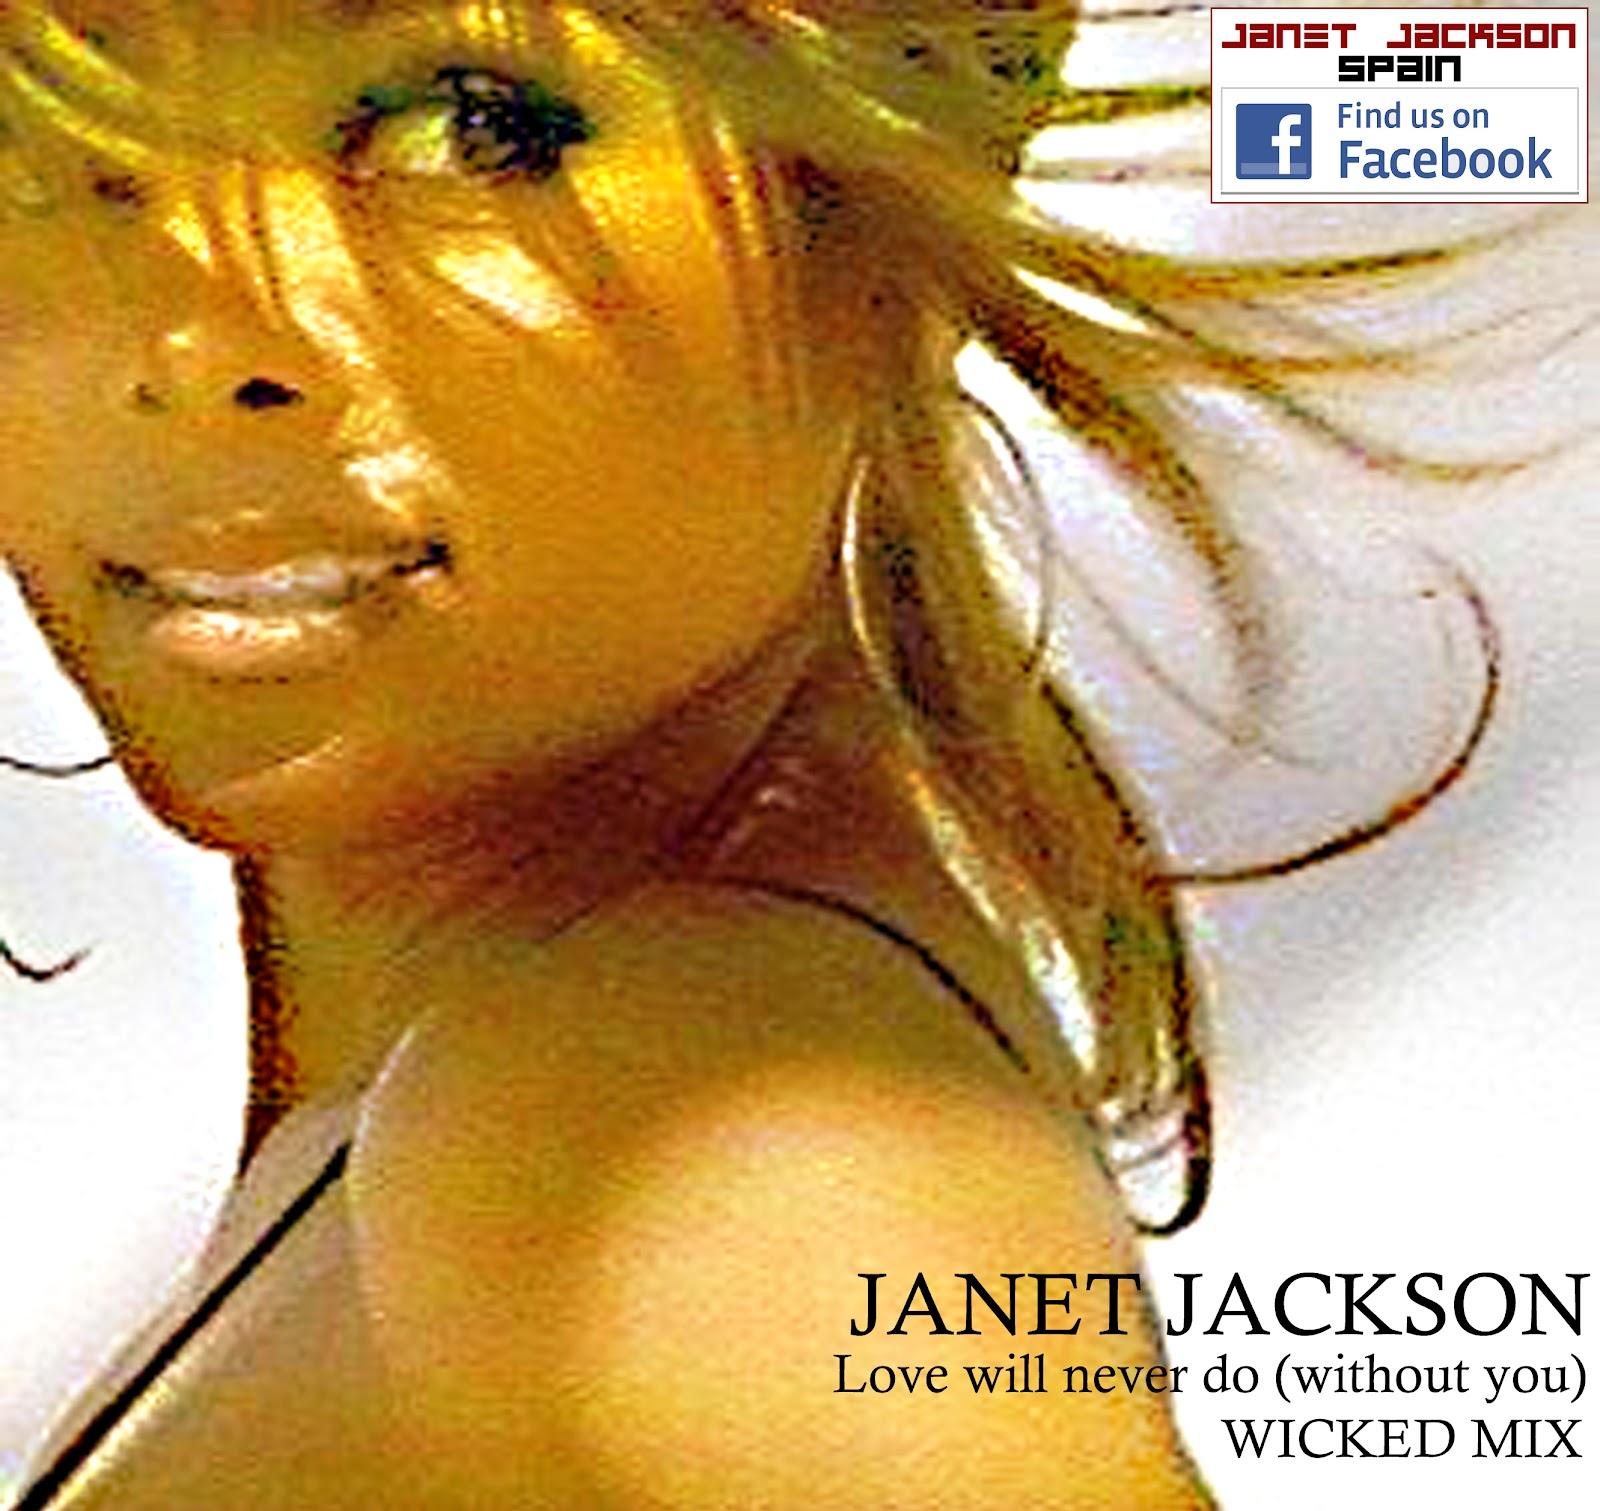 http://4.bp.blogspot.com/-lLBPZ0ZMpvk/T9tMpMhkYxI/AAAAAAAABkg/MMDuygkuuRw/s1600/LOVE+WILL+NEVER+DO+2.jpg